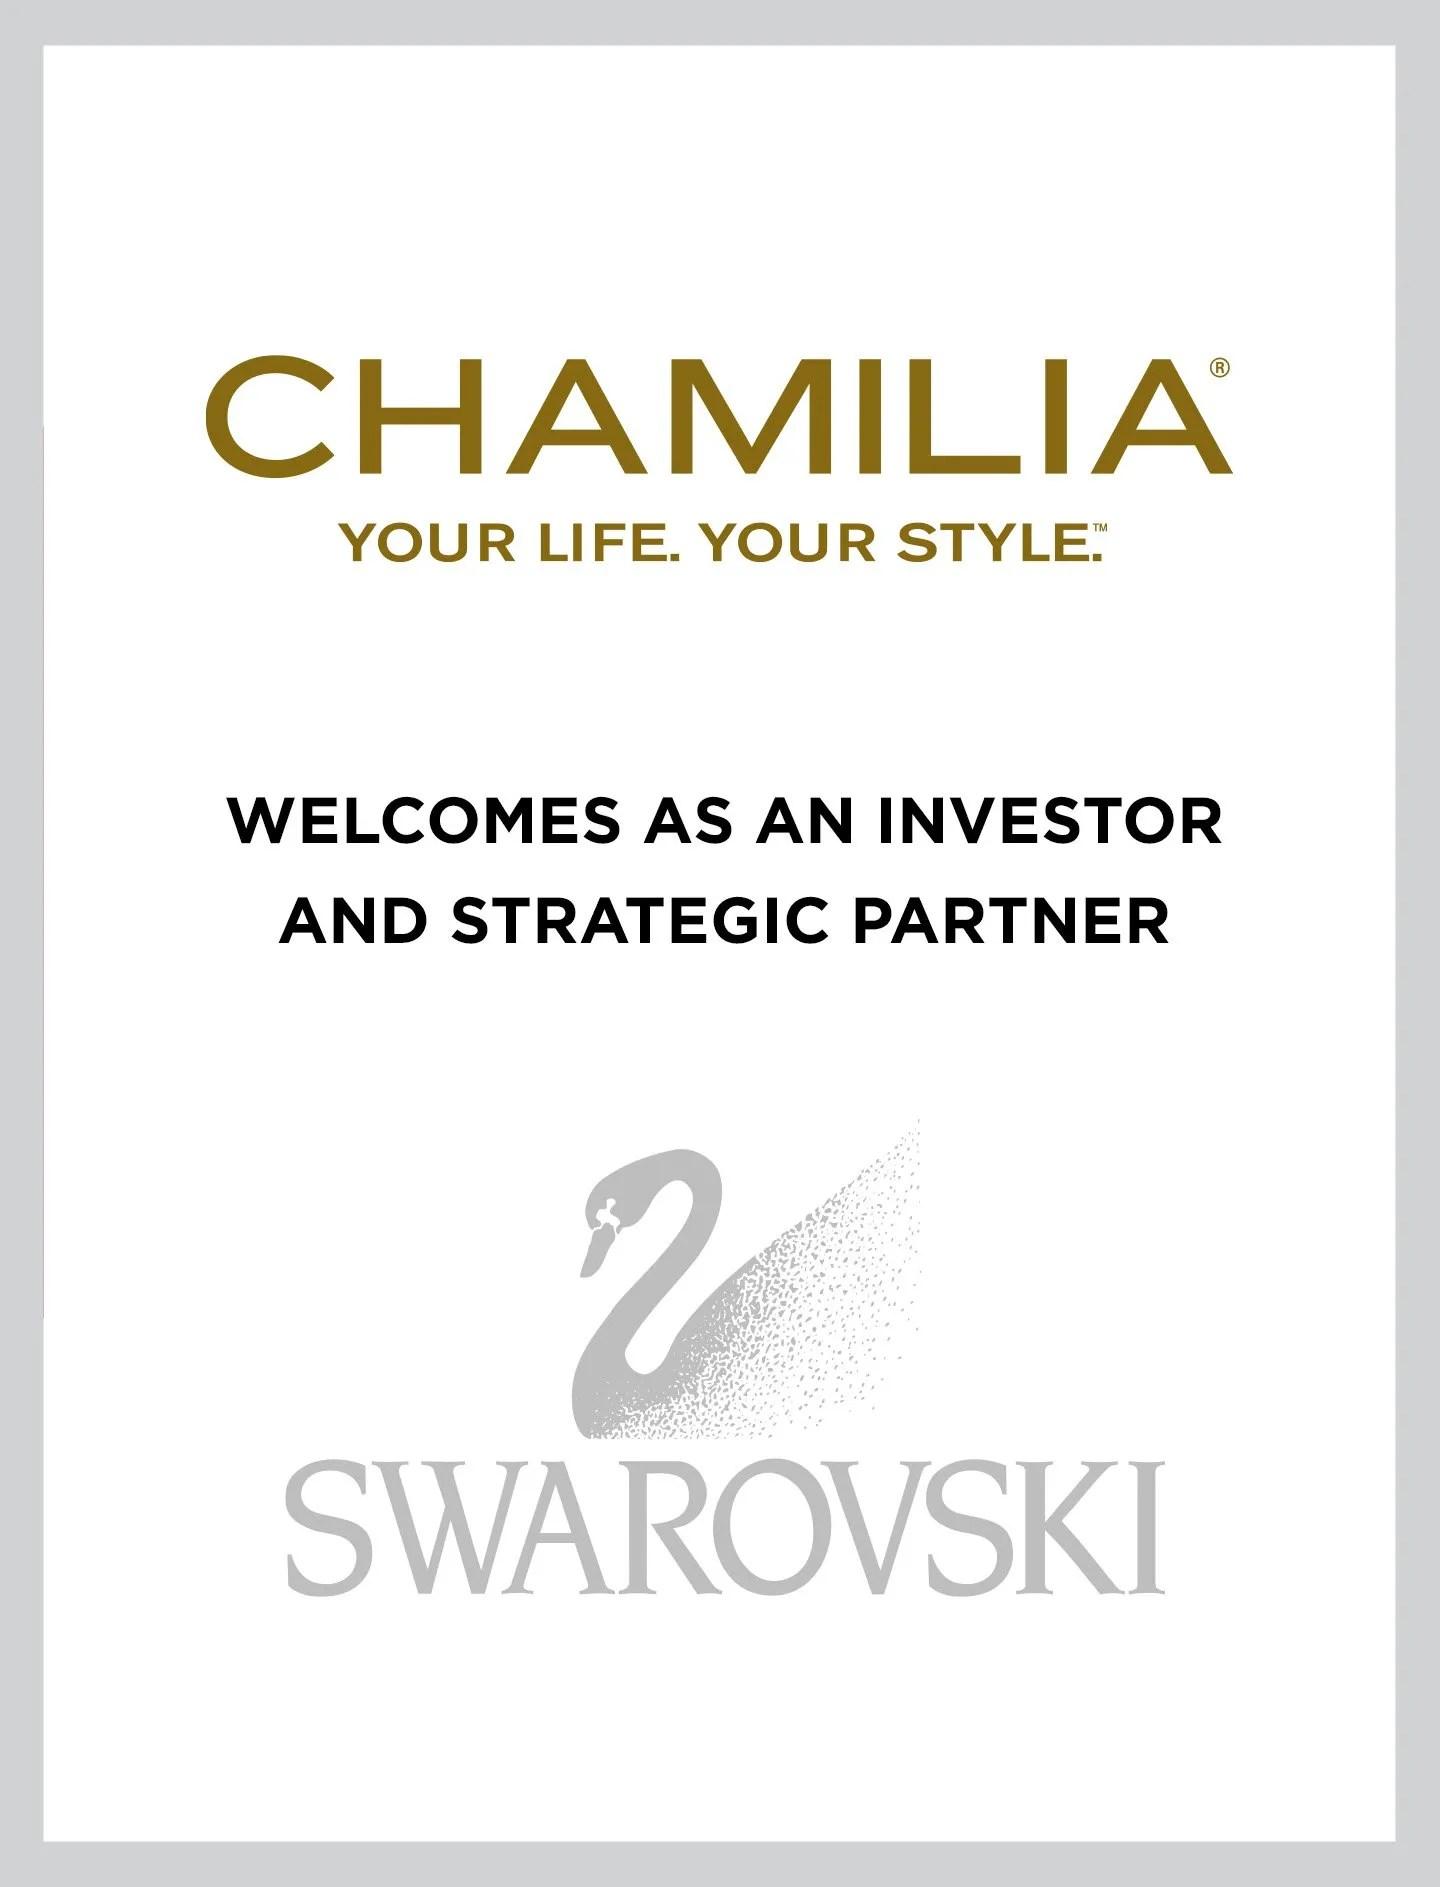 Chamilia_swarovski_0611